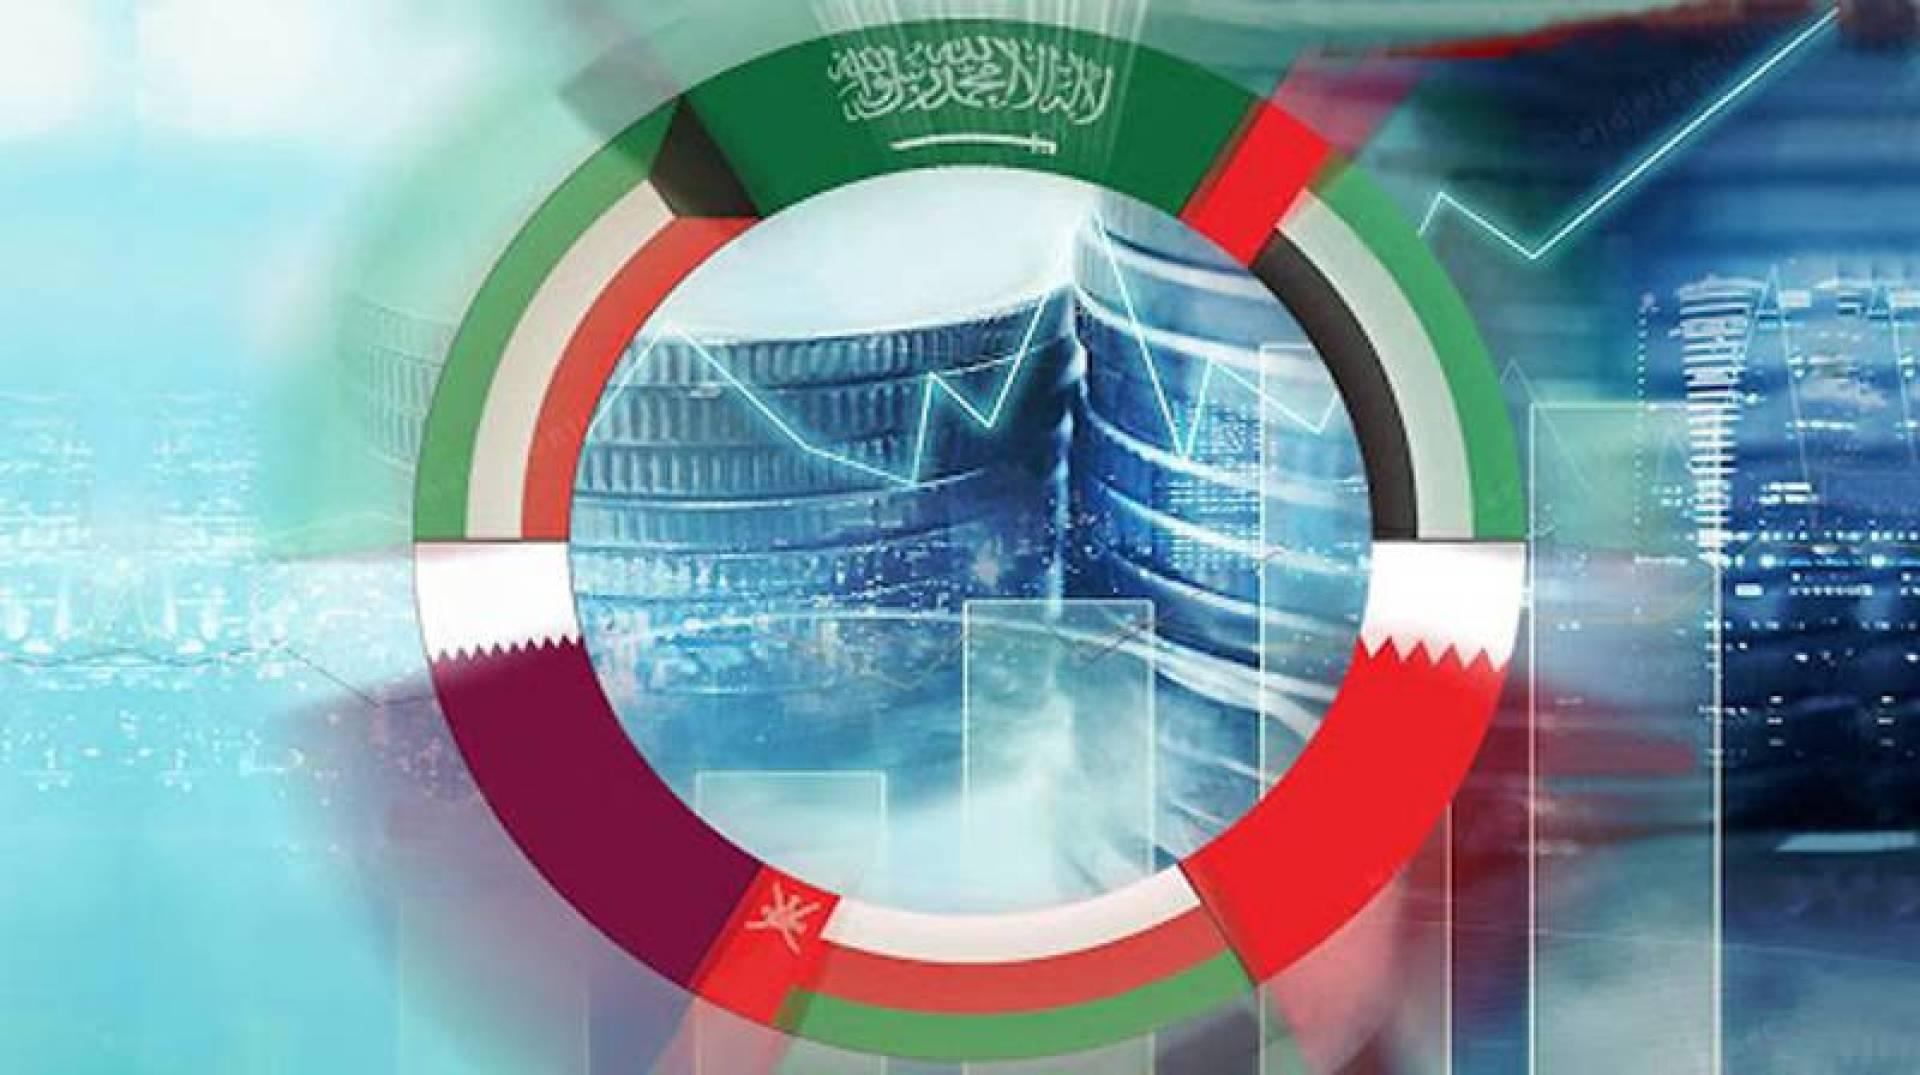 زلزال يضرب اقتصاد الخليج.. دول تدرس بيع أصول بـ 50 مليار دولار لتغطية الديون